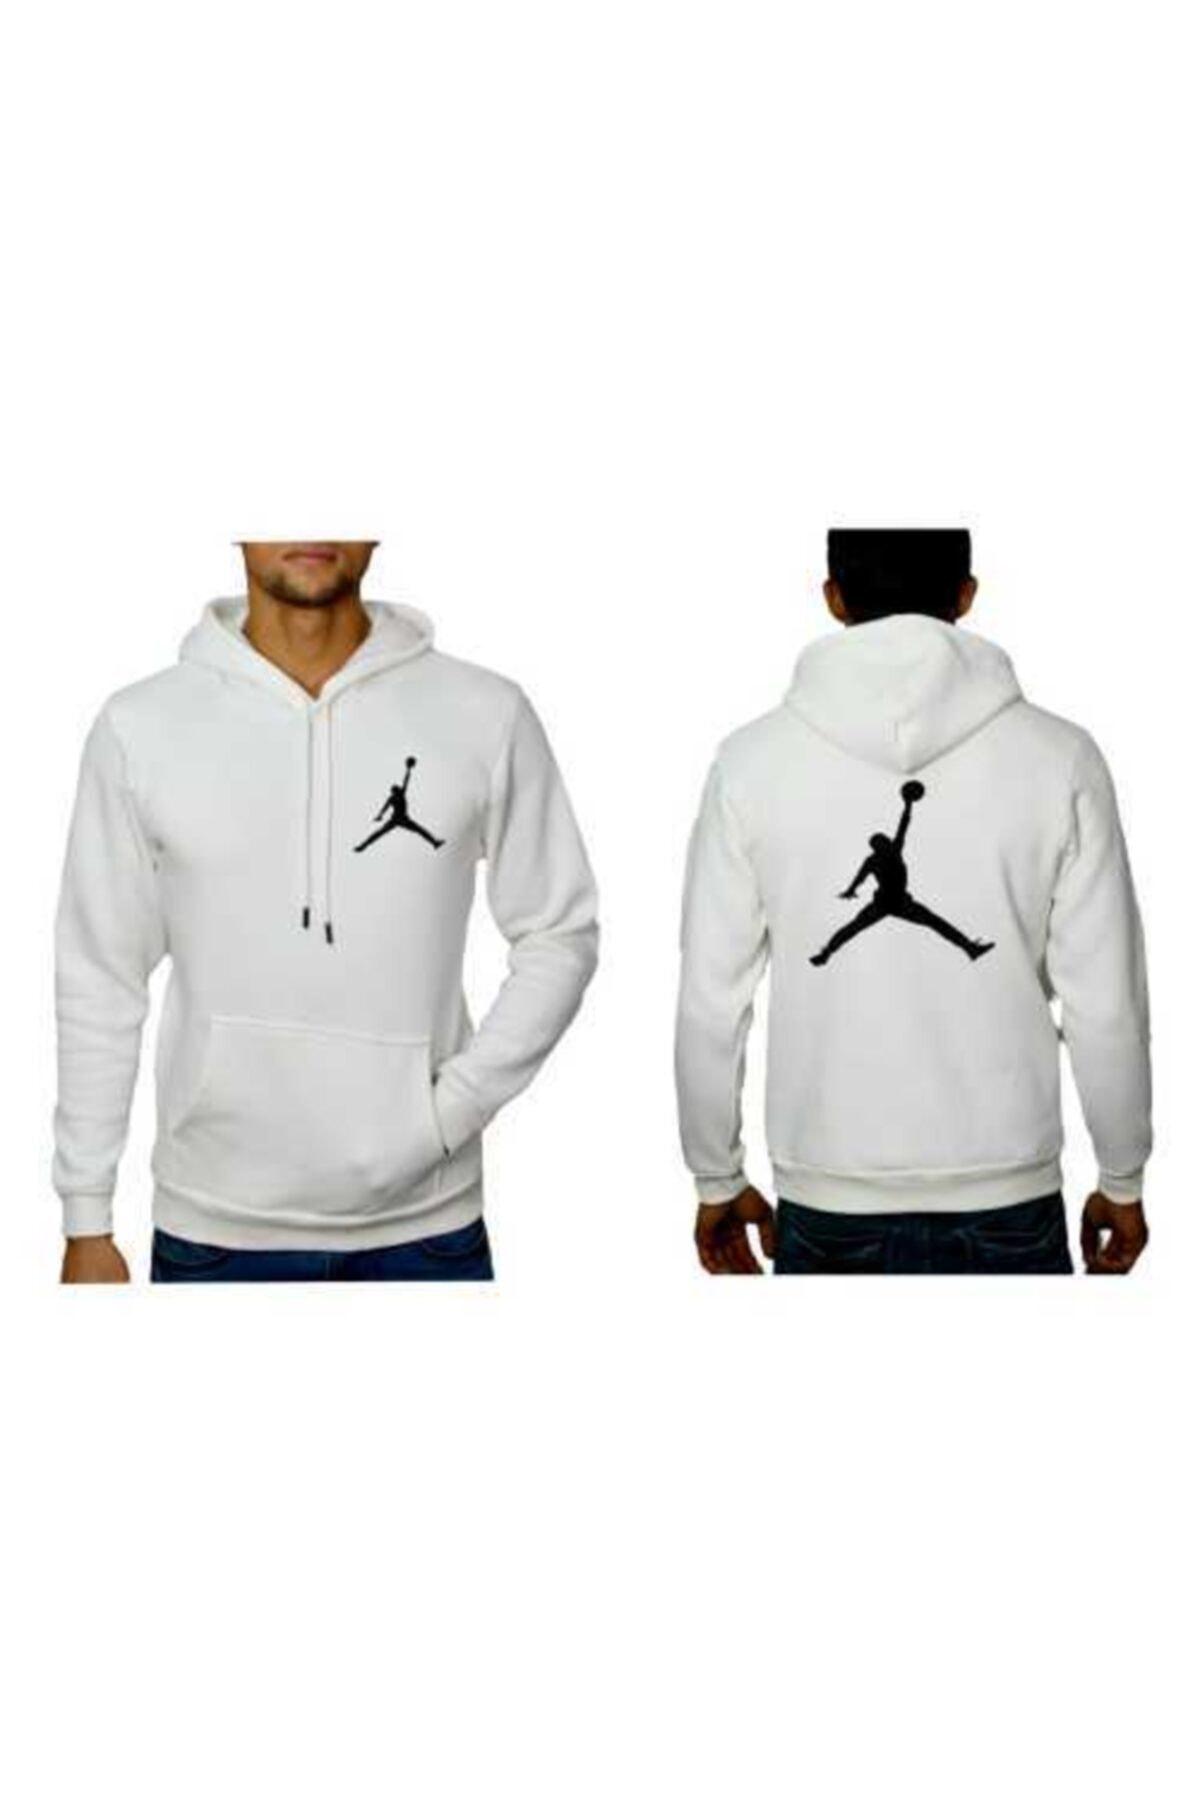 YOUWINNER Erkek Beyaz Kapşonlu 3 Iplik Air Jordan Baskılı Tshirt 2